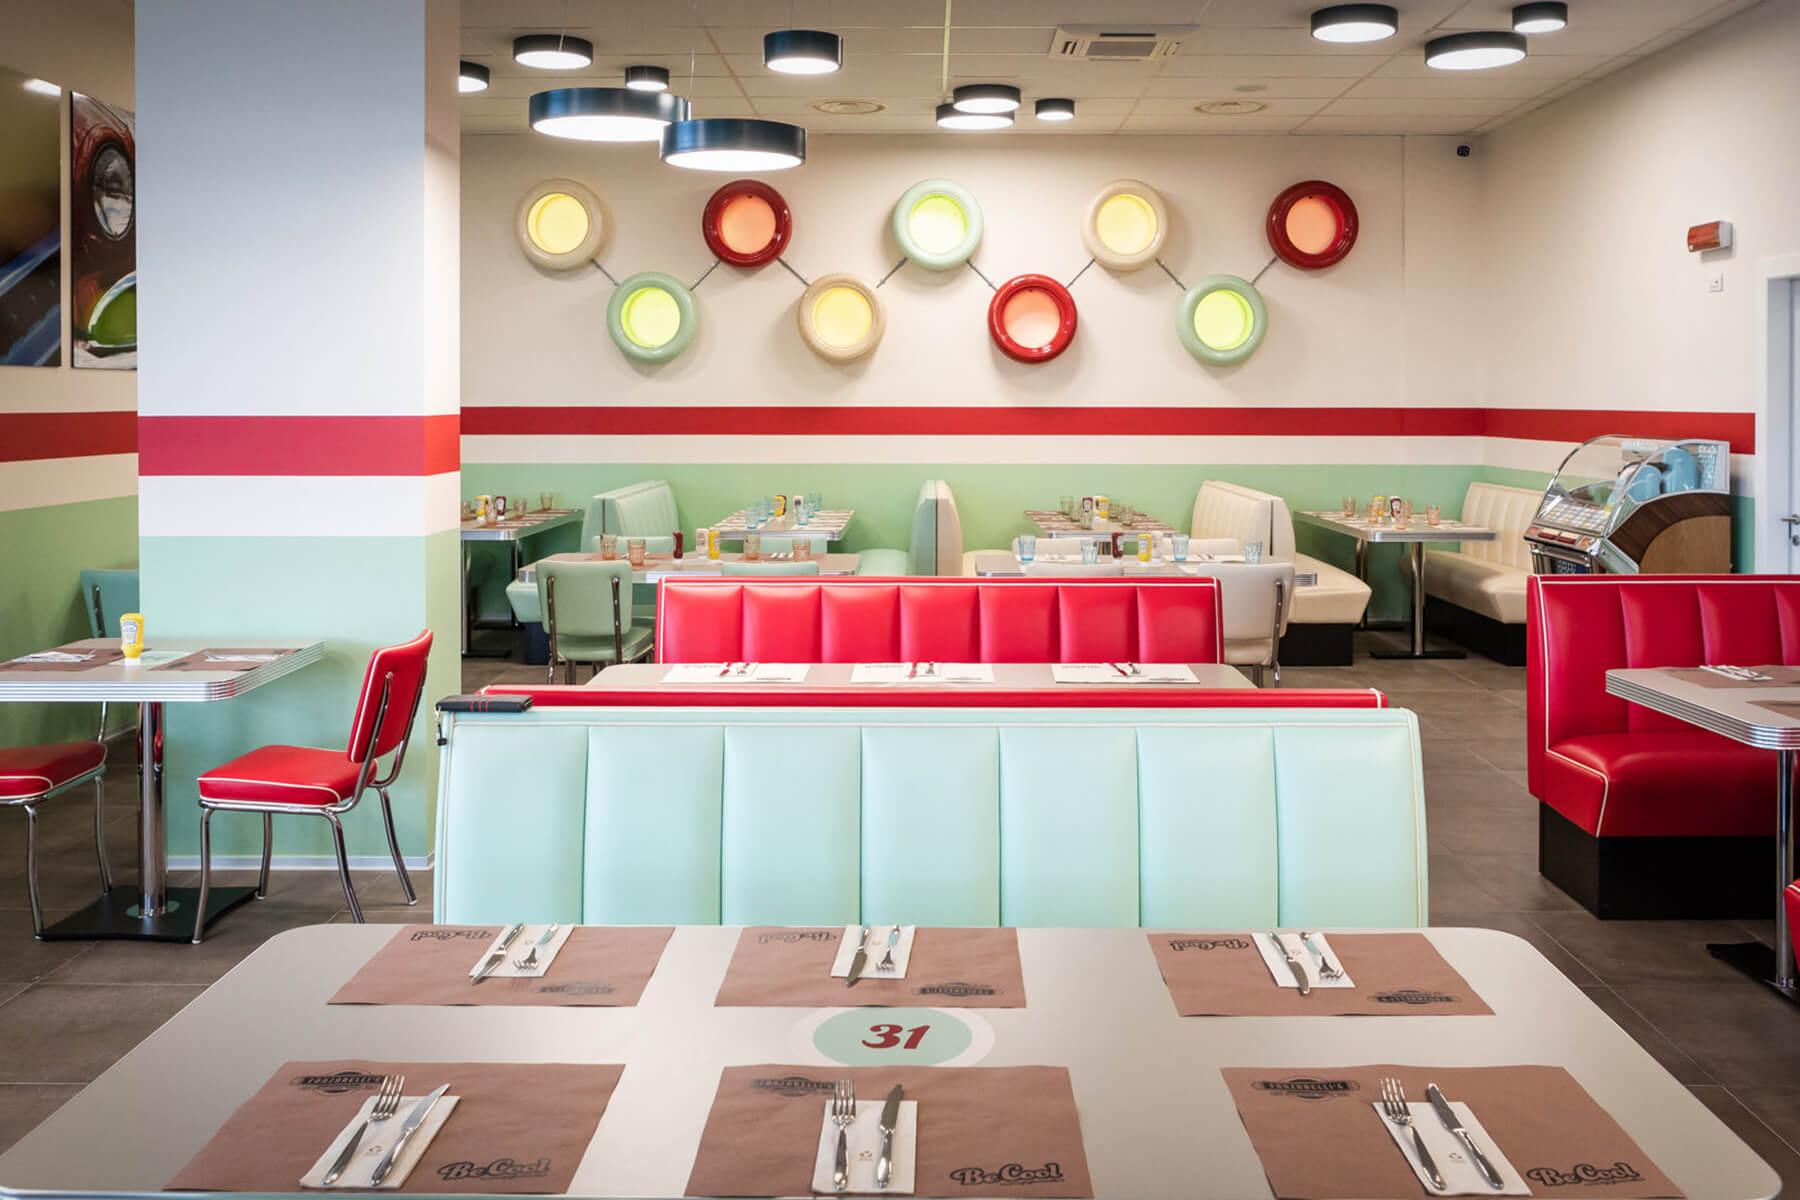 Tavolo apparechiato e arredamento in stile anni '50 e